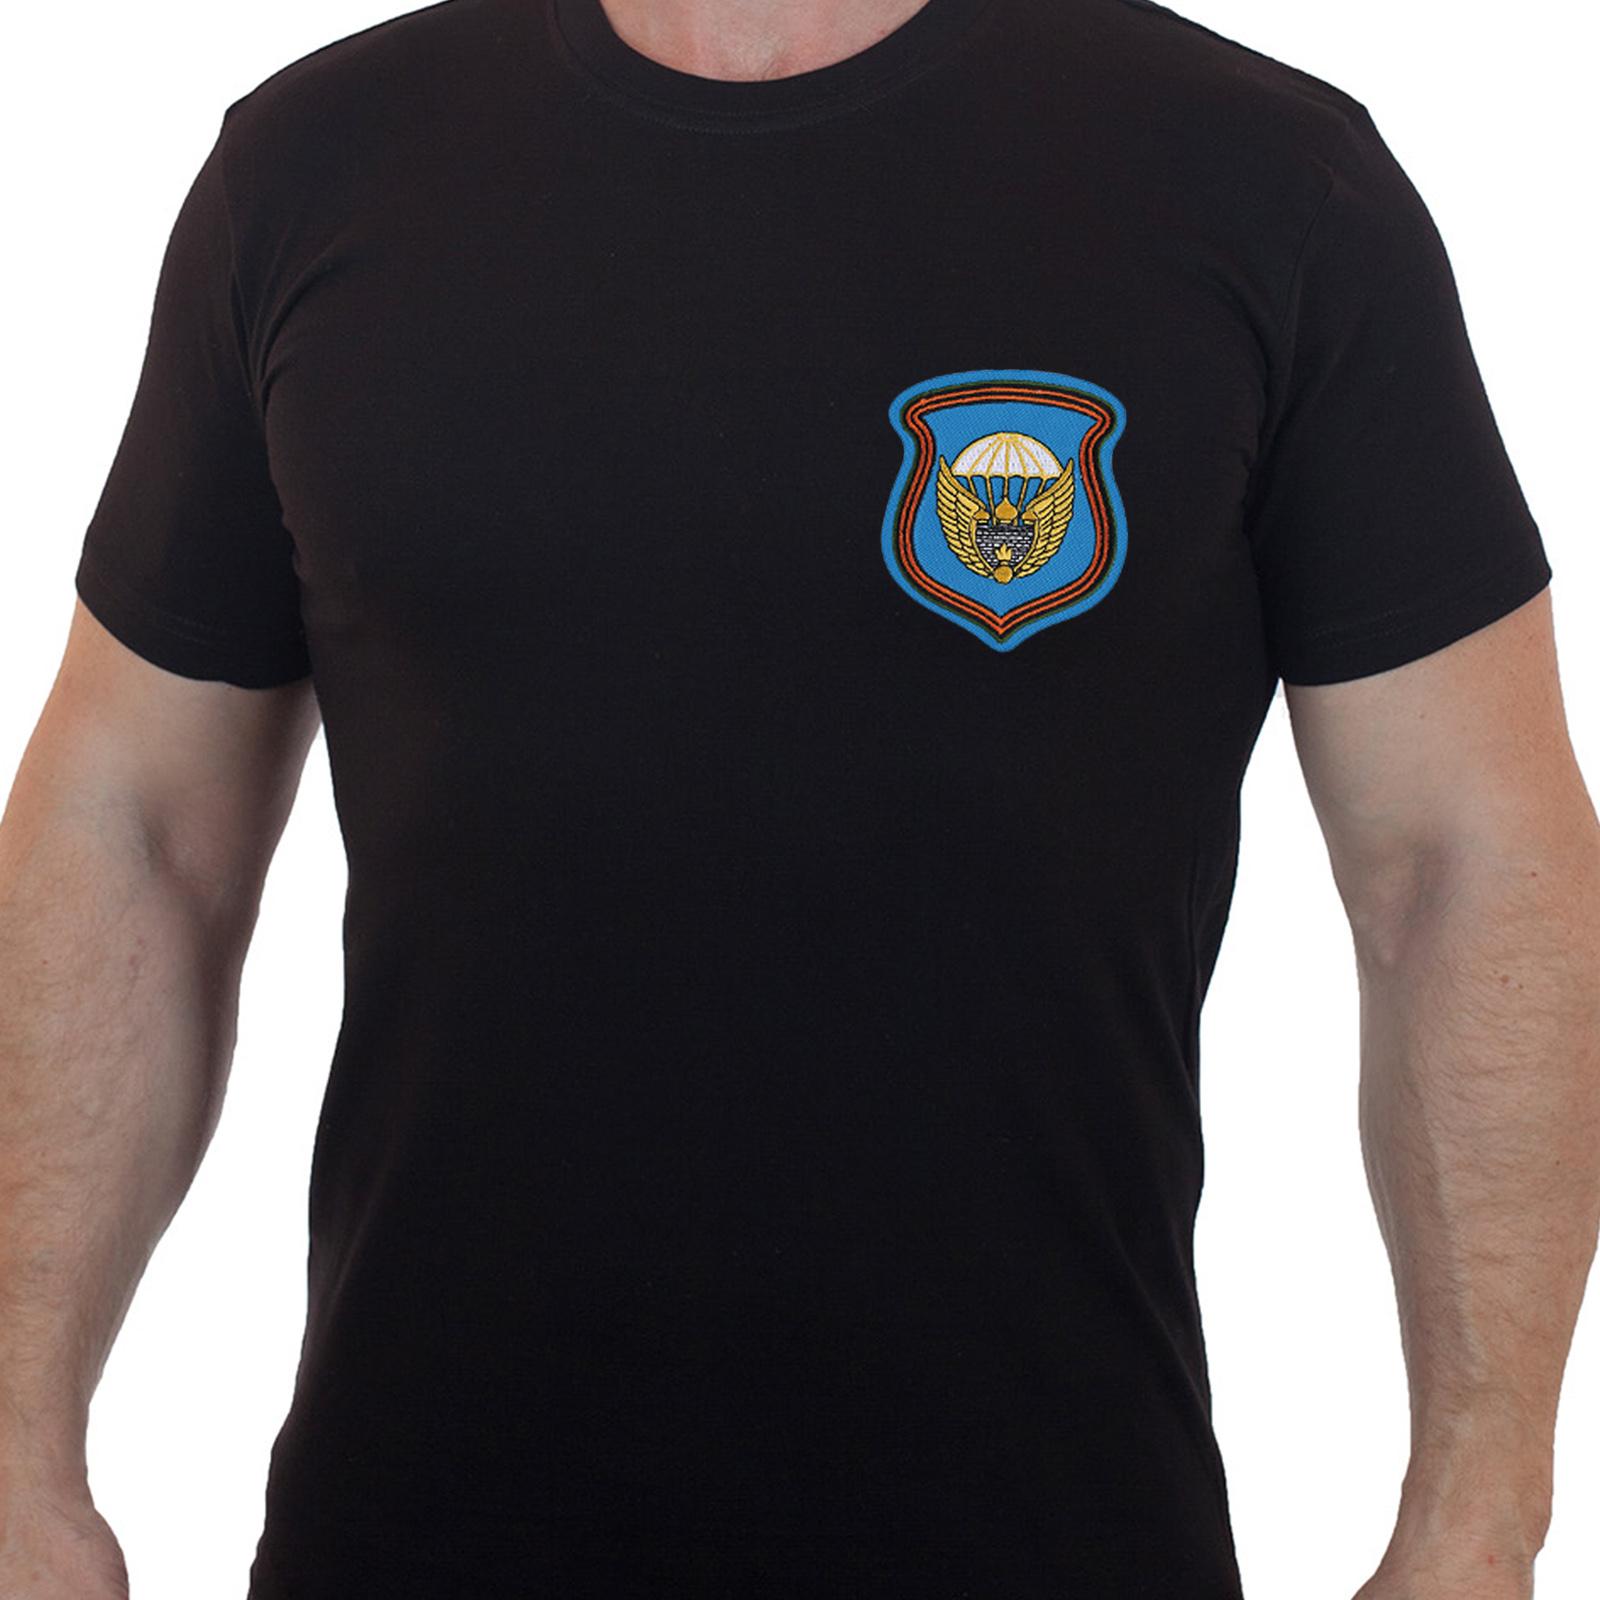 Стильная военная футболка с вышитой эмблемой 106 гв. ВДД - купить по лучшей цене